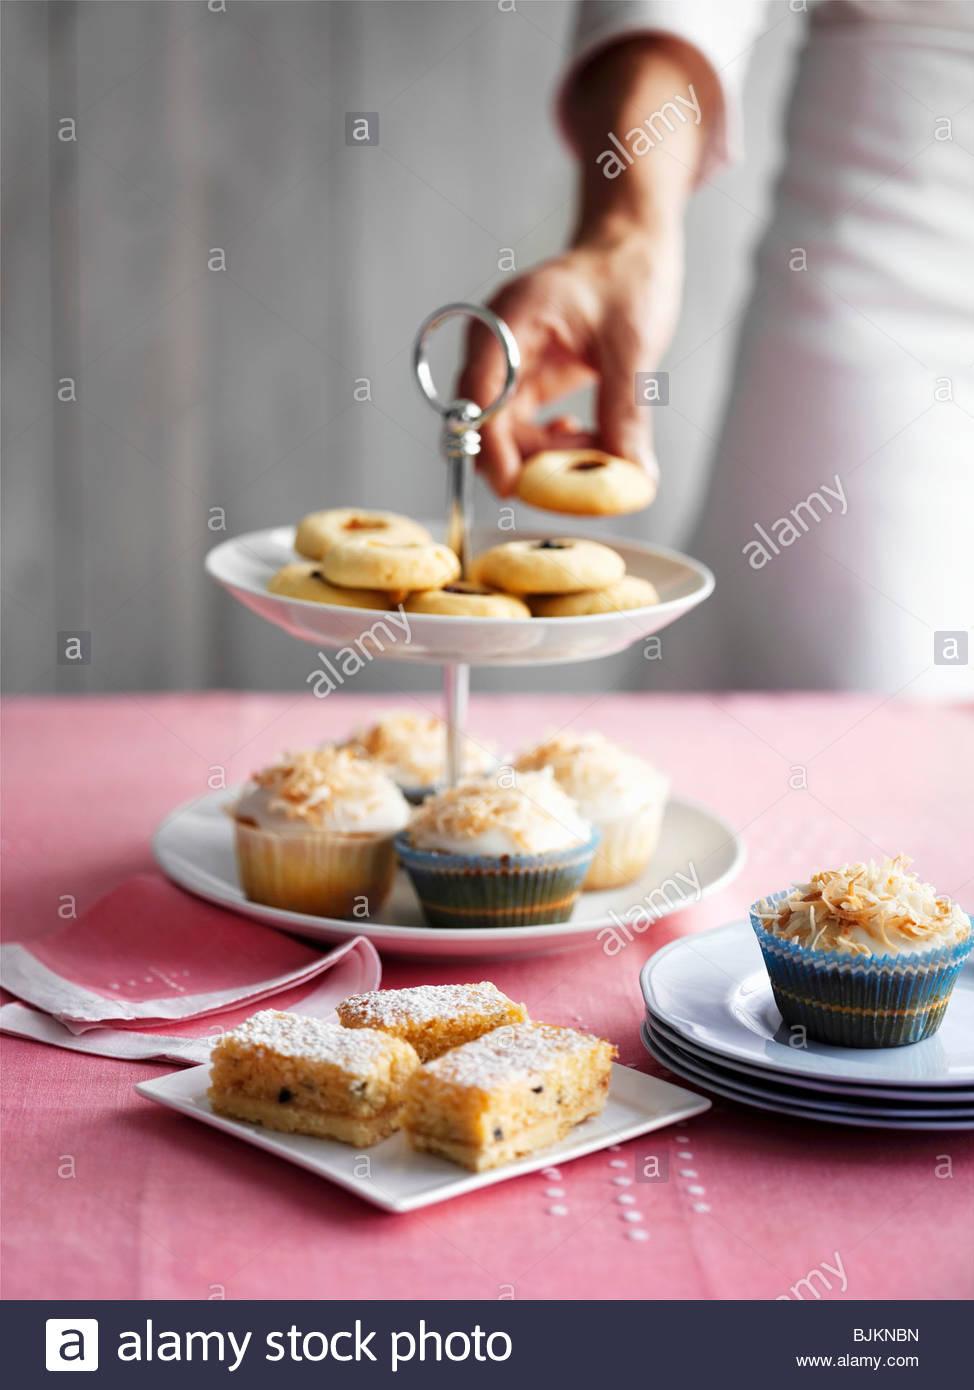 Bollos y pasteles pequeños de tiered stand Imagen De Stock